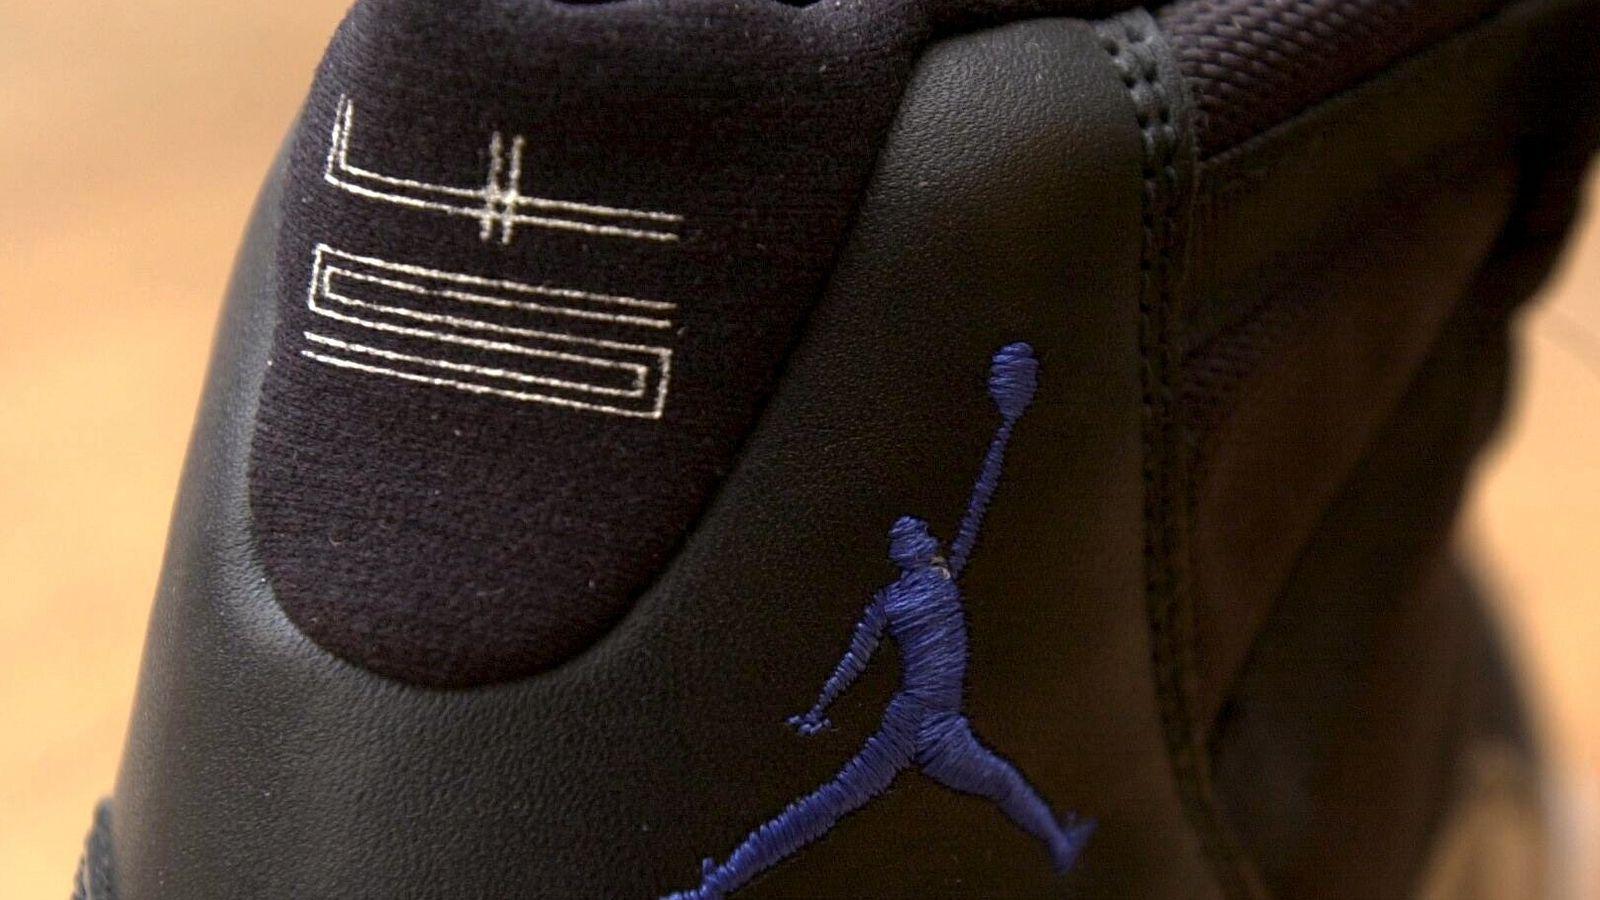 Air Las Jordan De Zapatillas Detenidos El Fraude Por Vender Falsas qwgFxvta